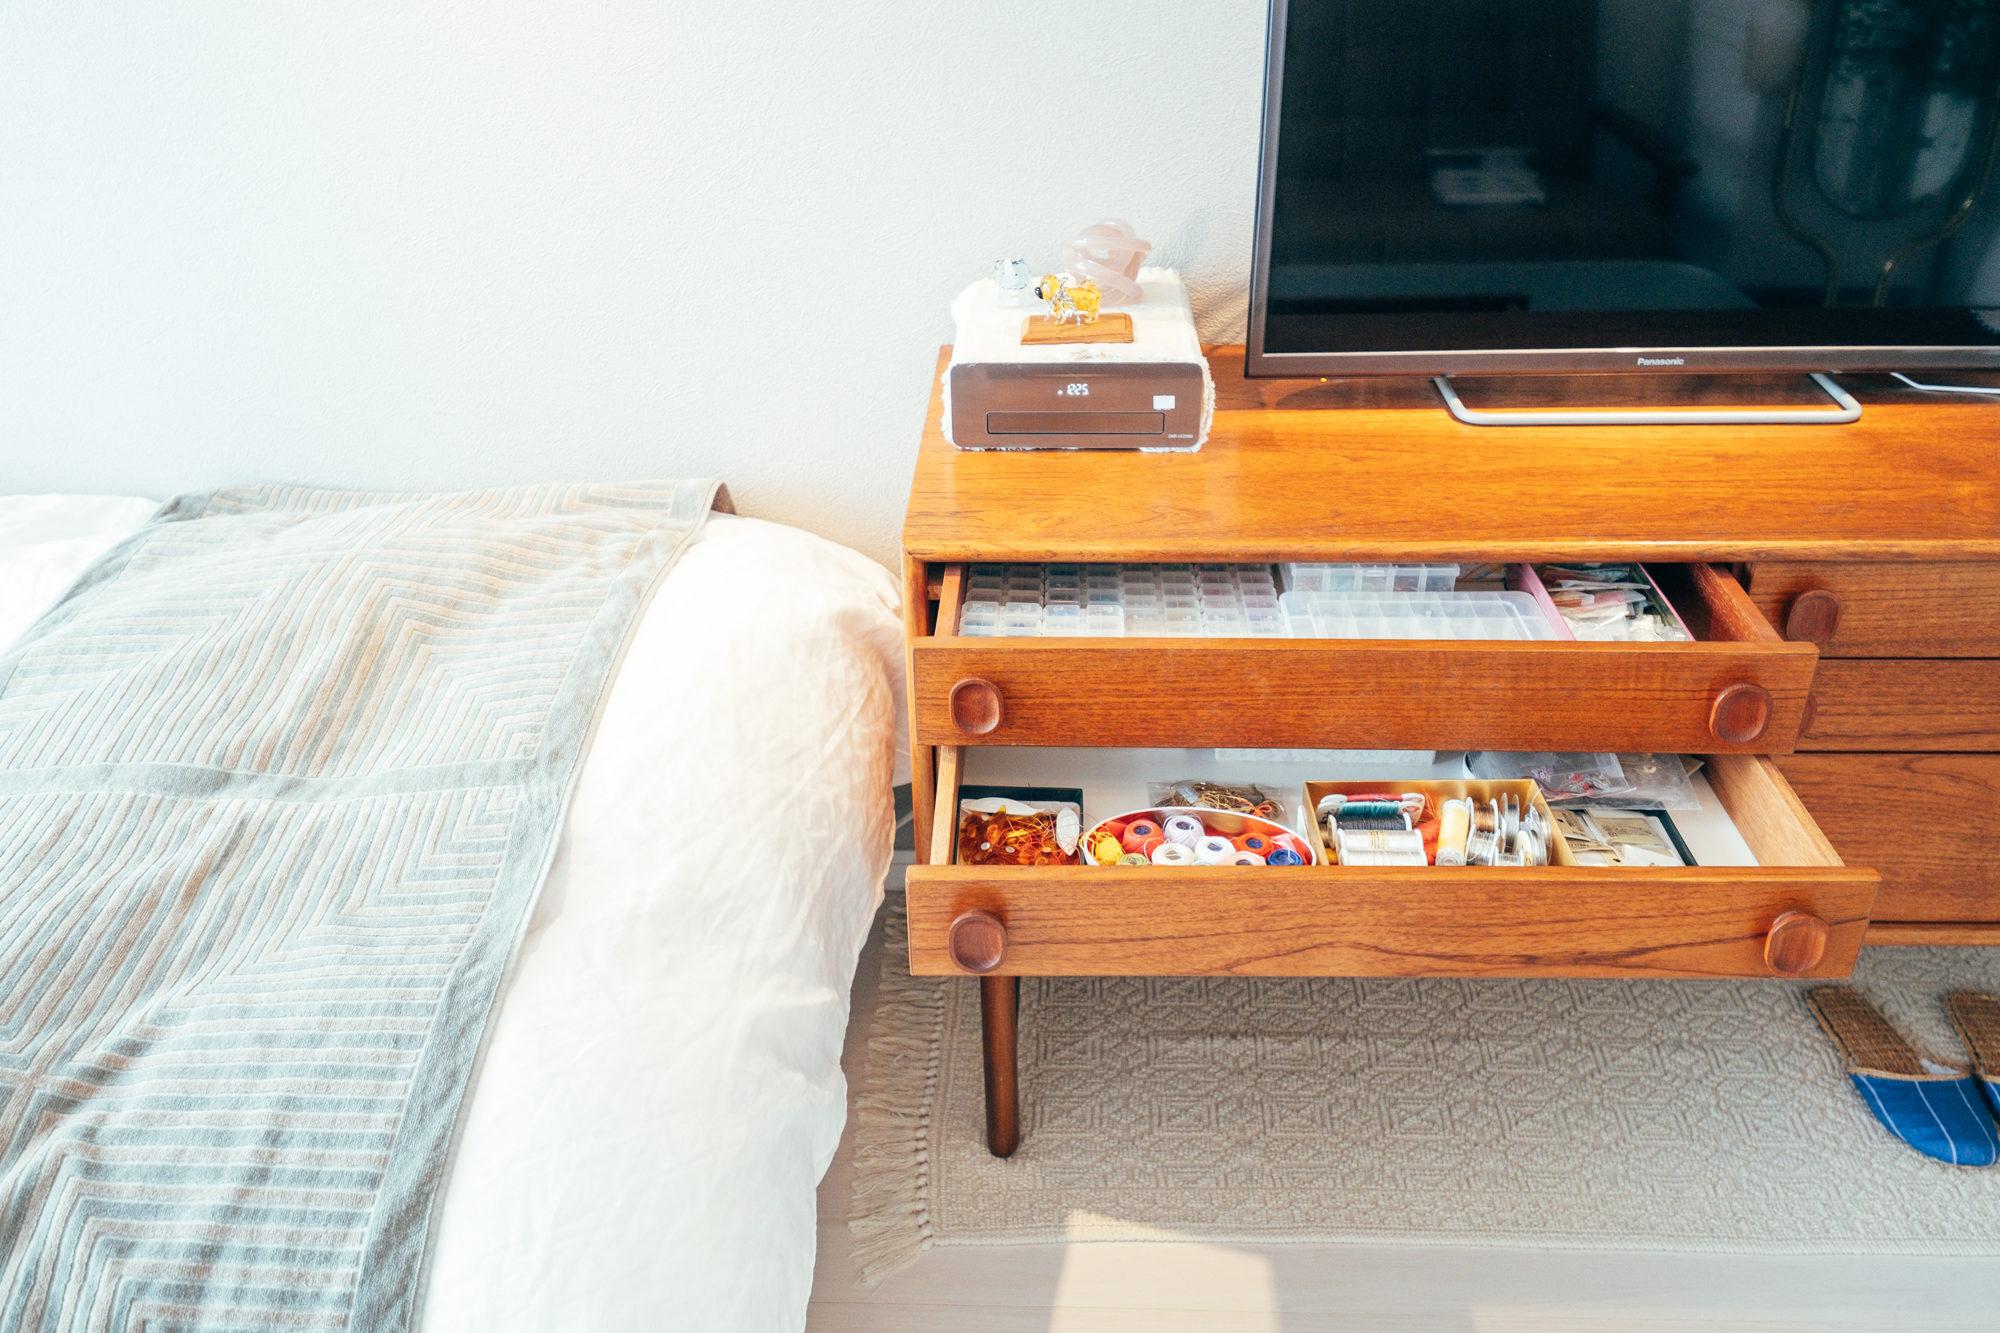 テレビボードの中にはアクセサリー作り用のパーツや色鉛筆など文房具系がたくさん入っていました。 「以前、アクセサリーを作っていたことがあって、一人暮らしを機に再開しようかと思いましたが、まだあまり作れていません。お部屋での時間が多いソファからすぐ手に取れるので使い勝手は良いです。」